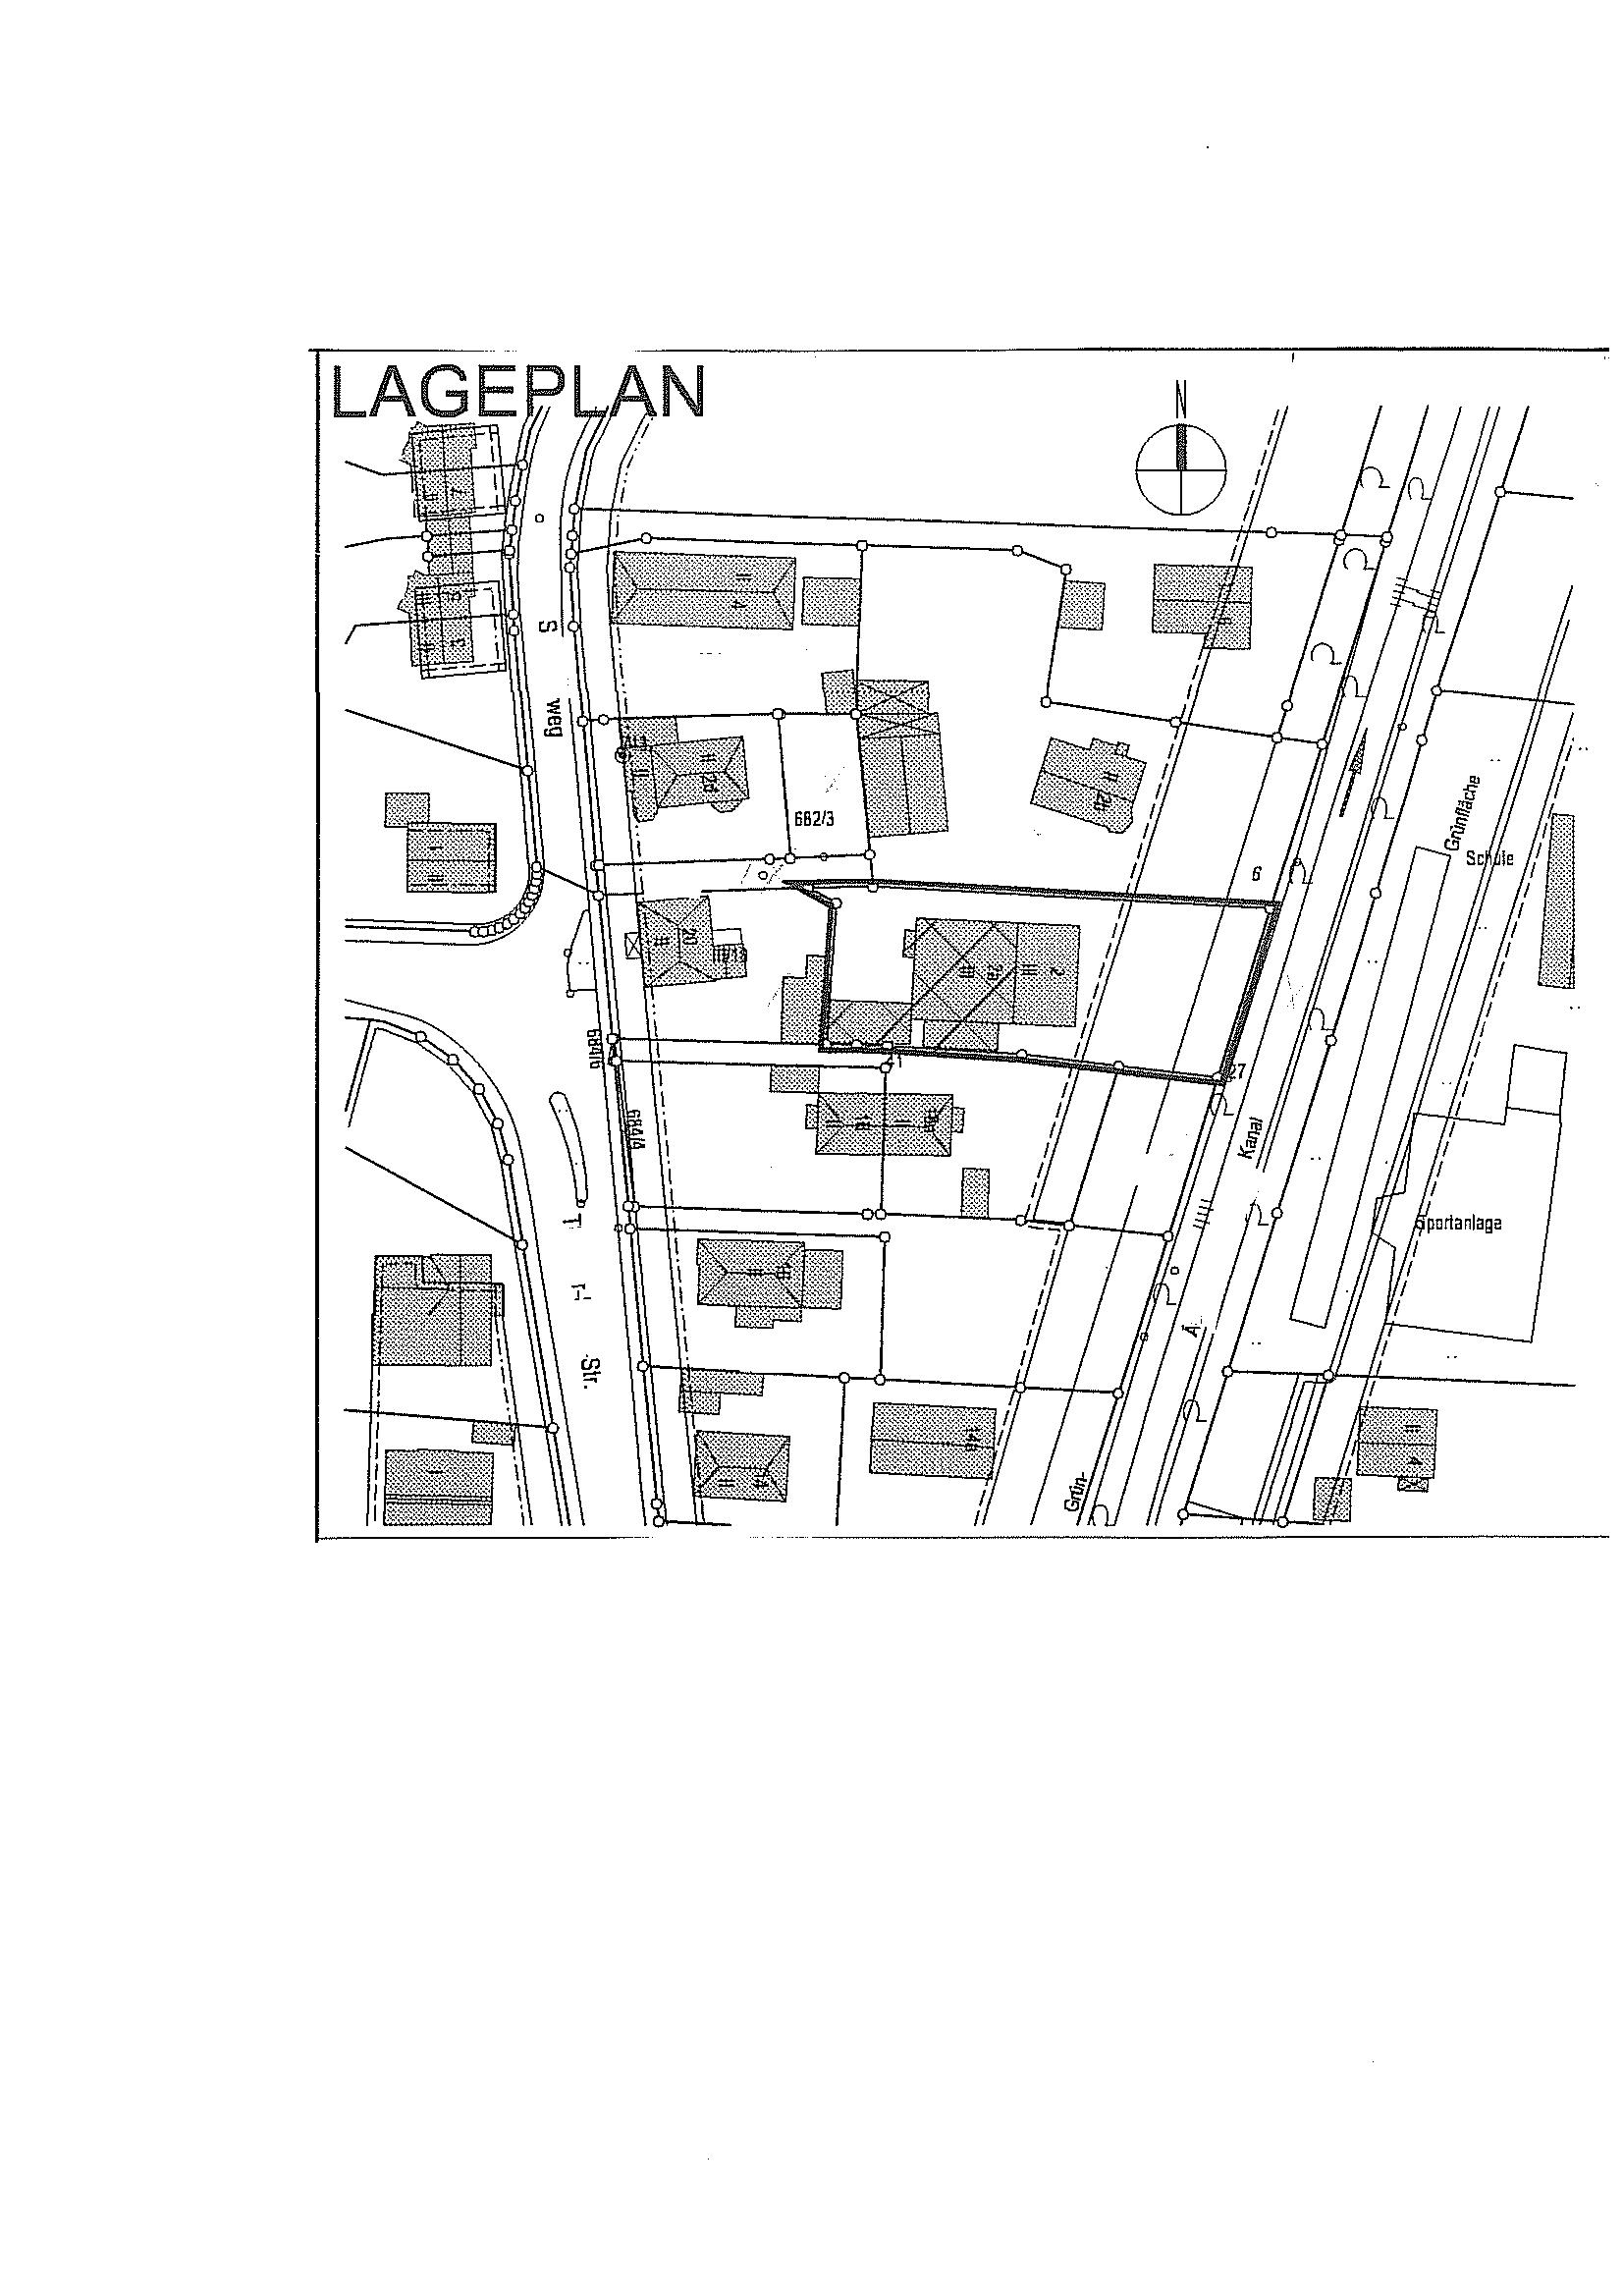 Nutzungsänderung Beantragen vg münchen urteil v 14 03 2016 m 8 k 15 335 bürgerservice